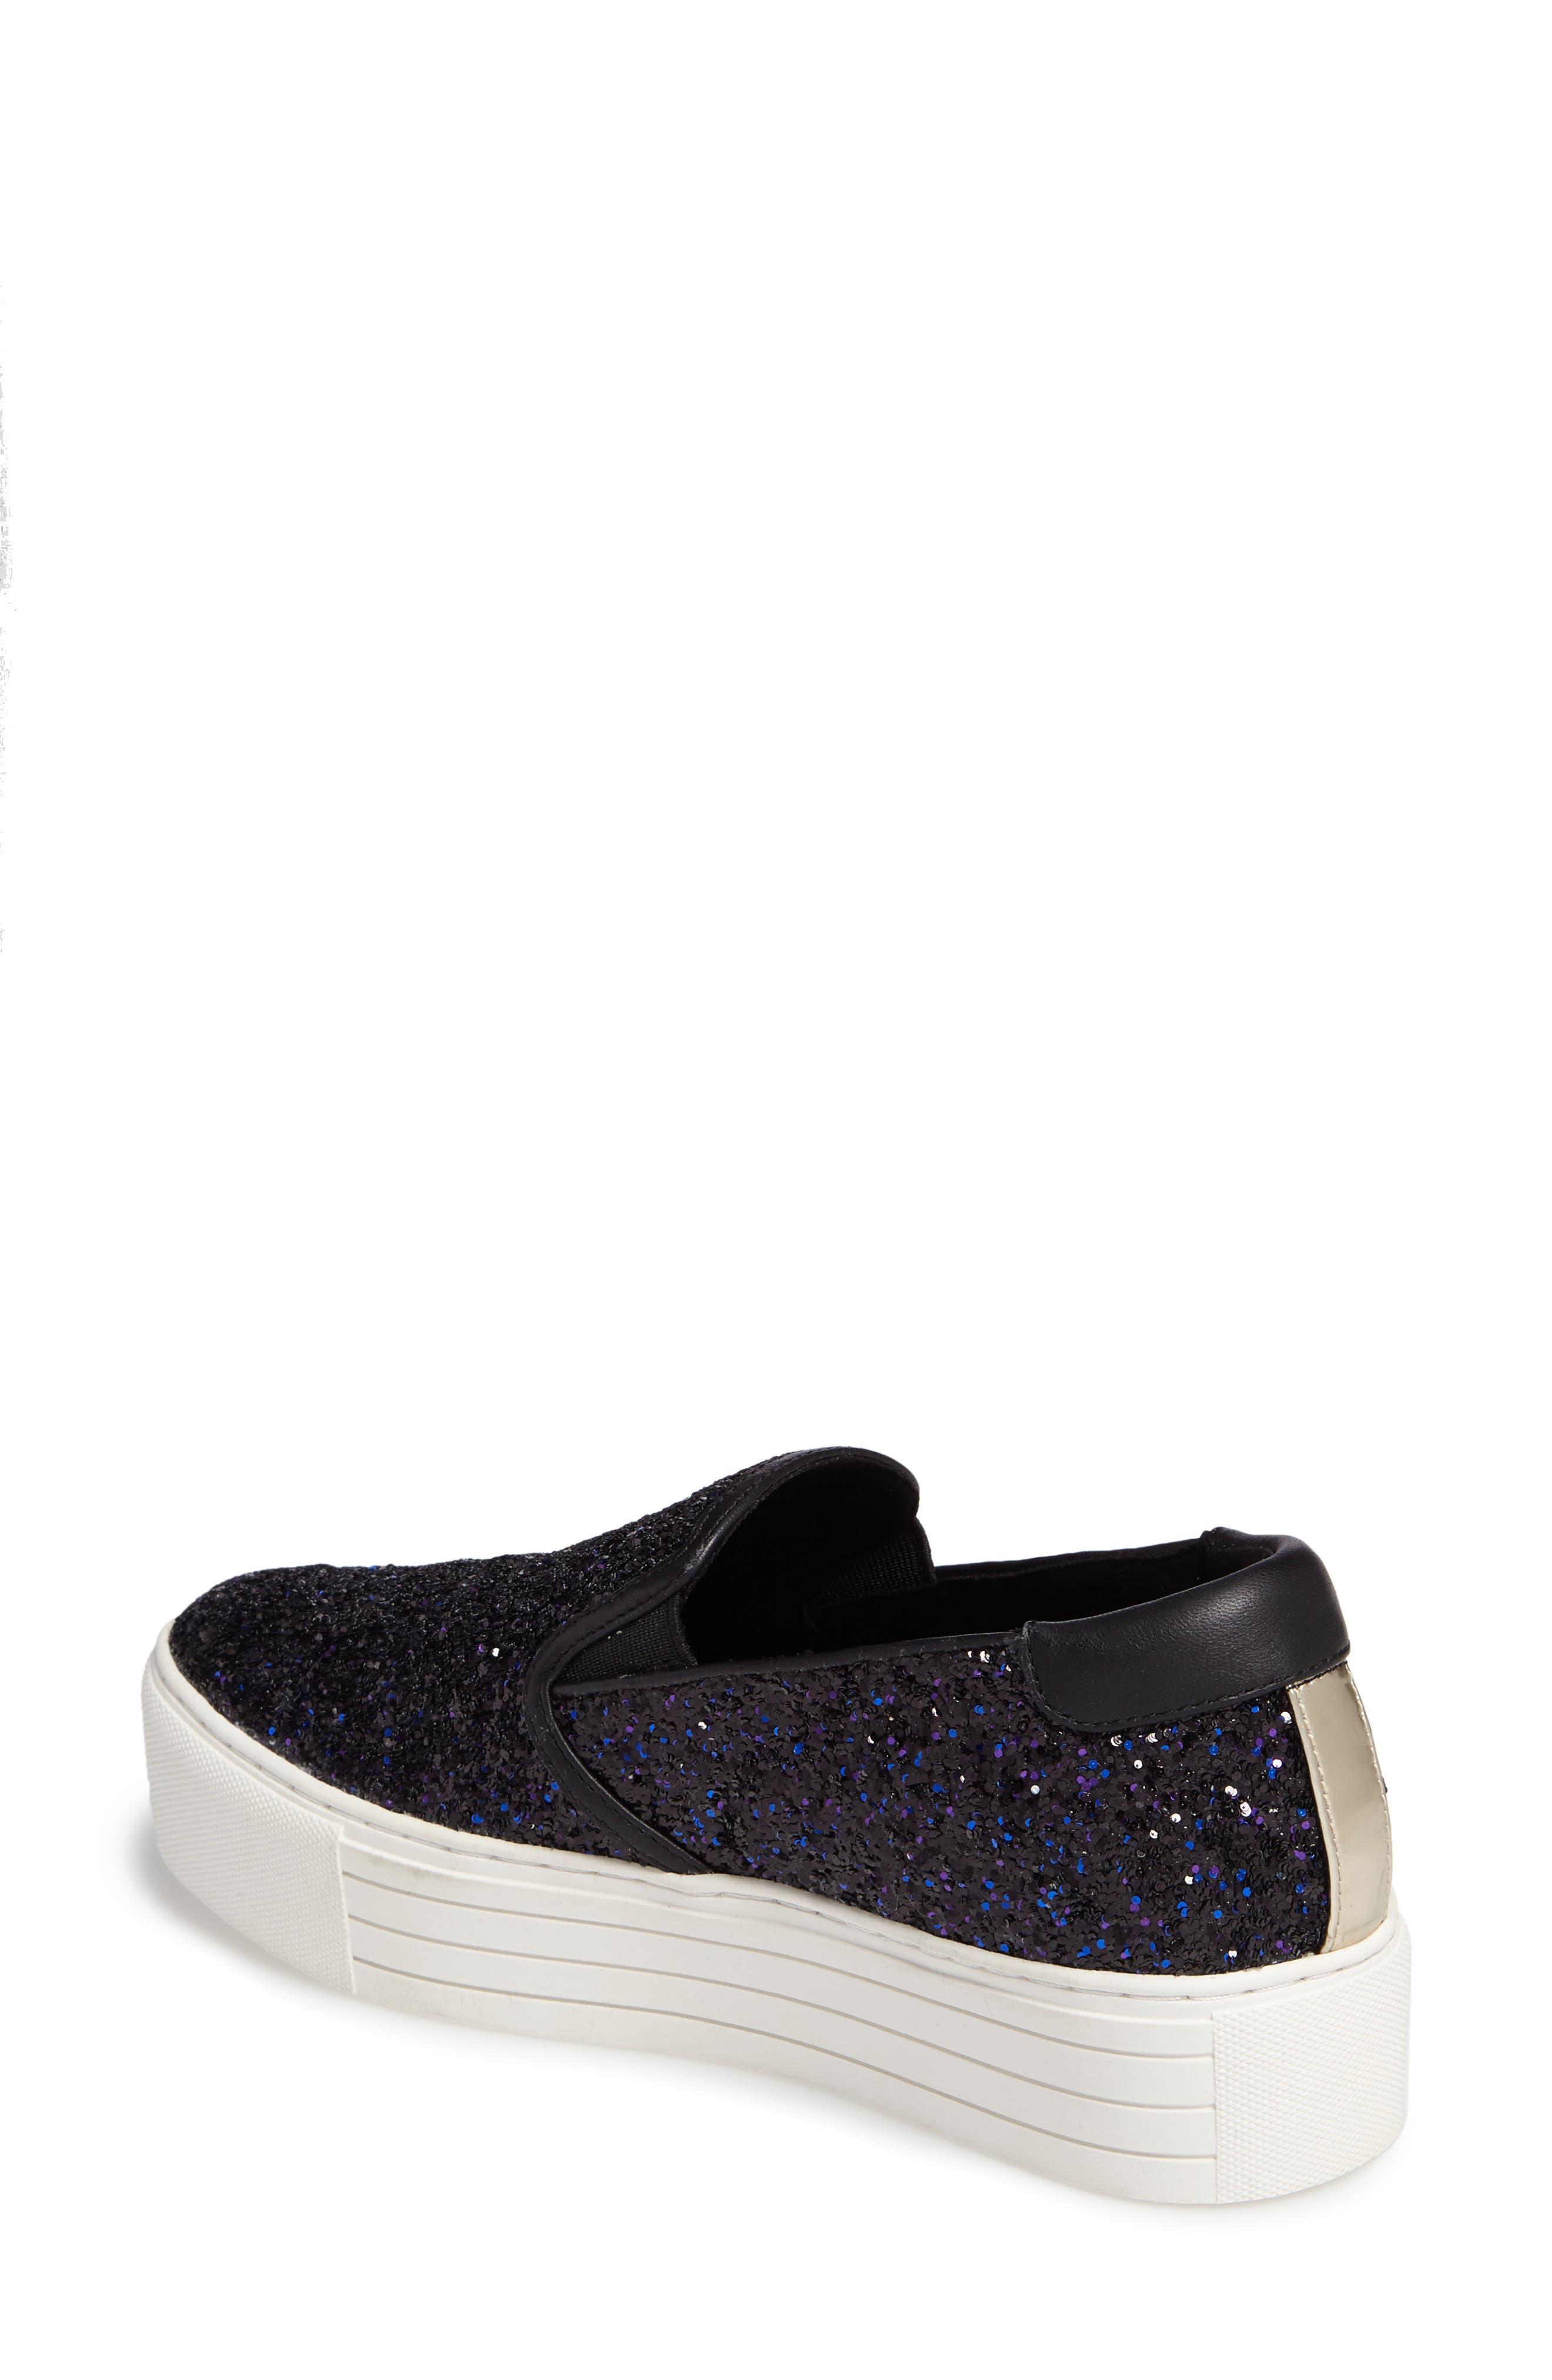 Joanie Slip-On Platform Sneaker,                             Alternate thumbnail 21, color,